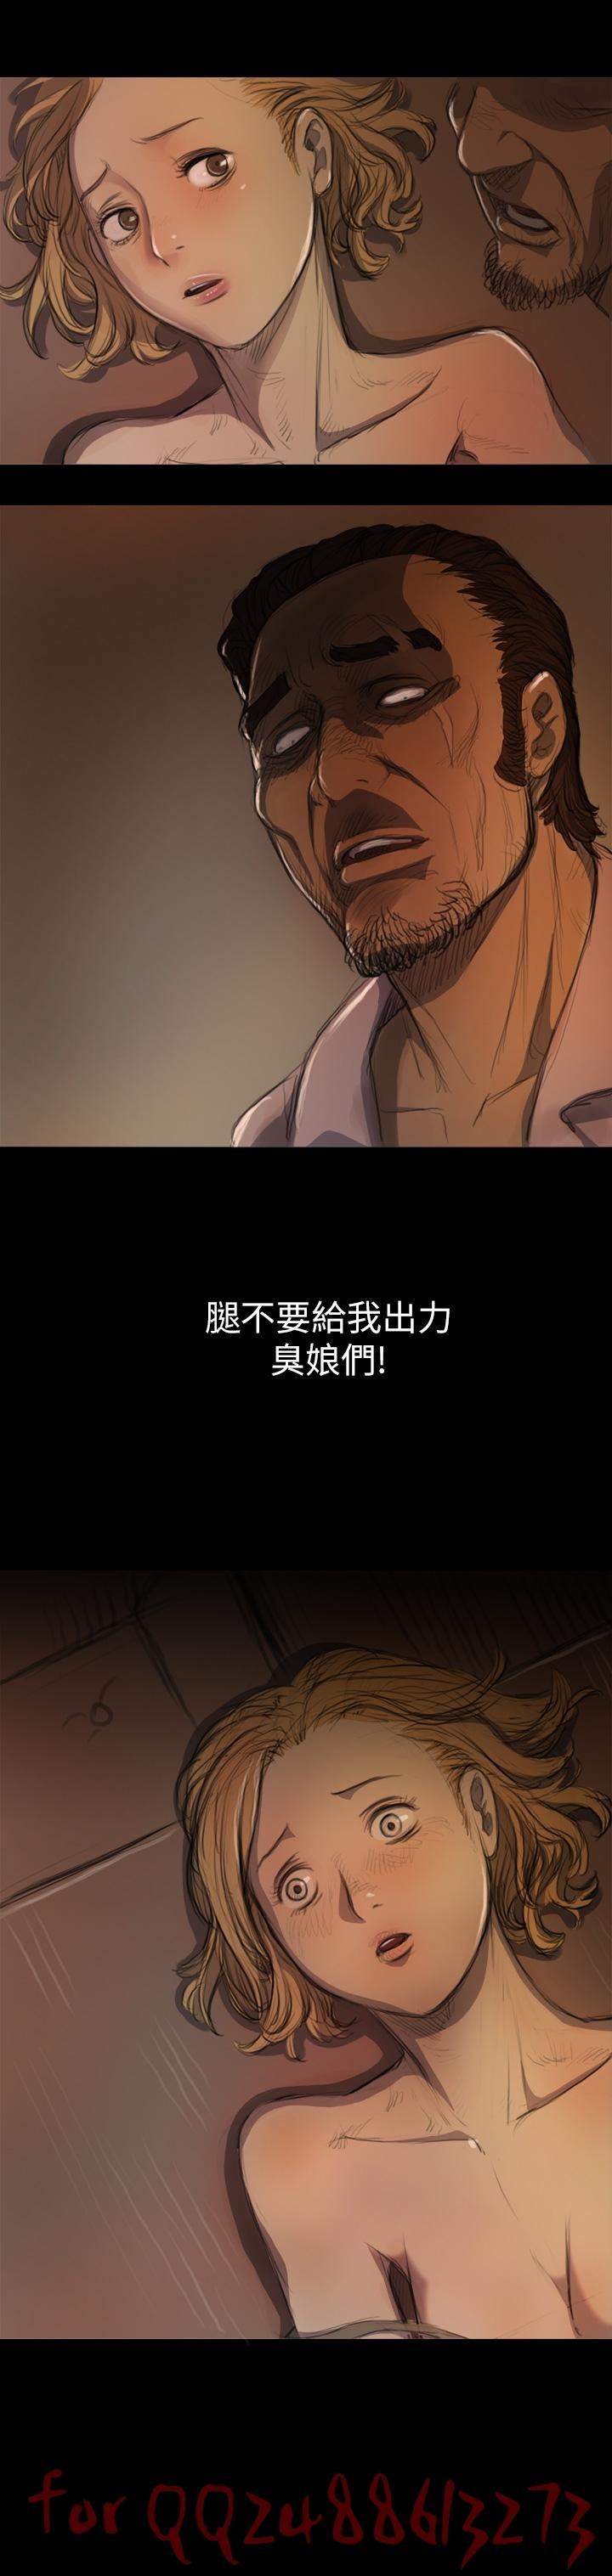 姊姊: 莲 第1~10話 [Chinese]中文 255